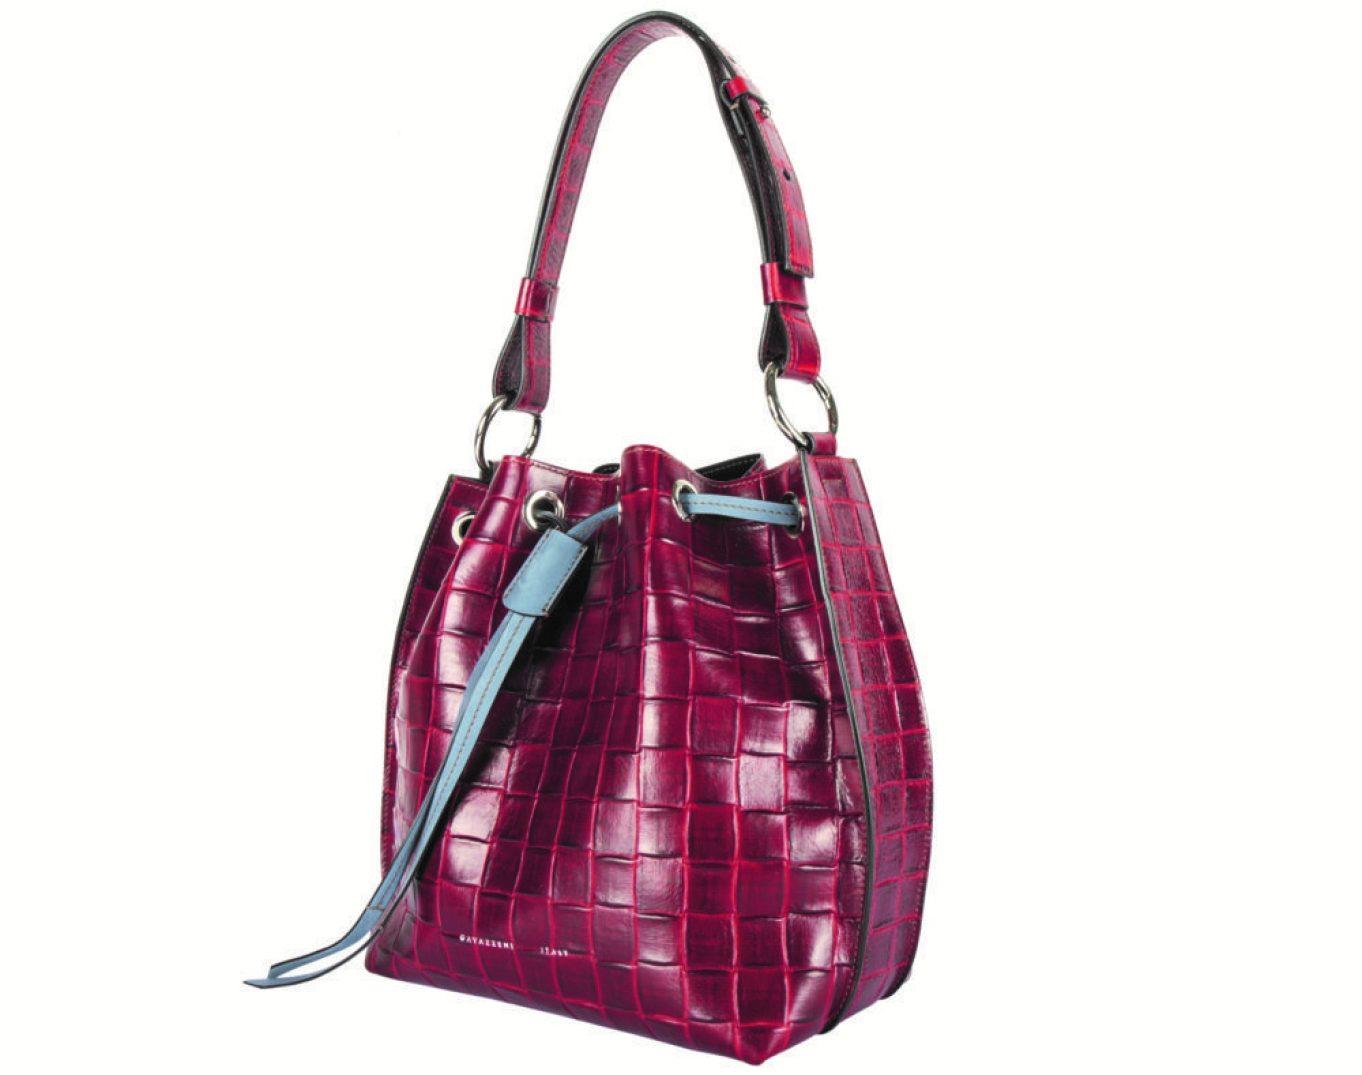 Gavazzeni-collezione-borse-donna-autunno-inverno-2020-2021